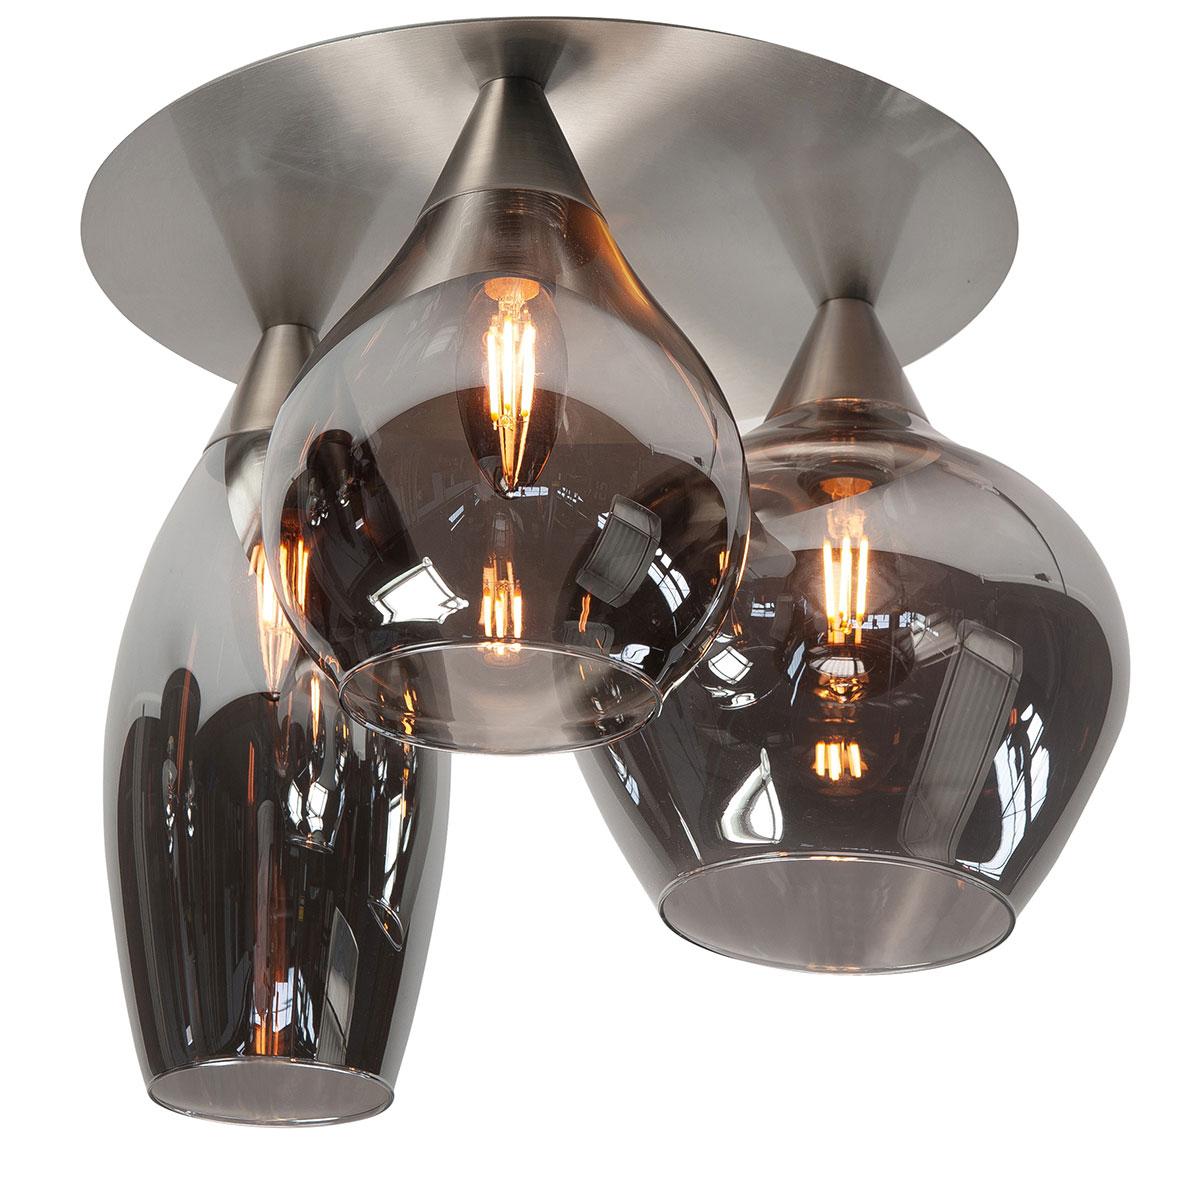 Plafondlamp Cambio - nikkel mat - 3 lichts glas Smoke - transparant rookglas - doorsnede 32 cm - 37 cm hoog - dimbaar - excl -  lichtbron 3 x E14 maximaal 40 Watt - HIGH LIGHT -  De drie glazen kelken hebben elk een andere vorm en afmeting -  Diameter kelken van 12-20 cm - hoogte van 18-25 cm -   Sfeervolle plafondlamp uit de Cambio serie van High Light -